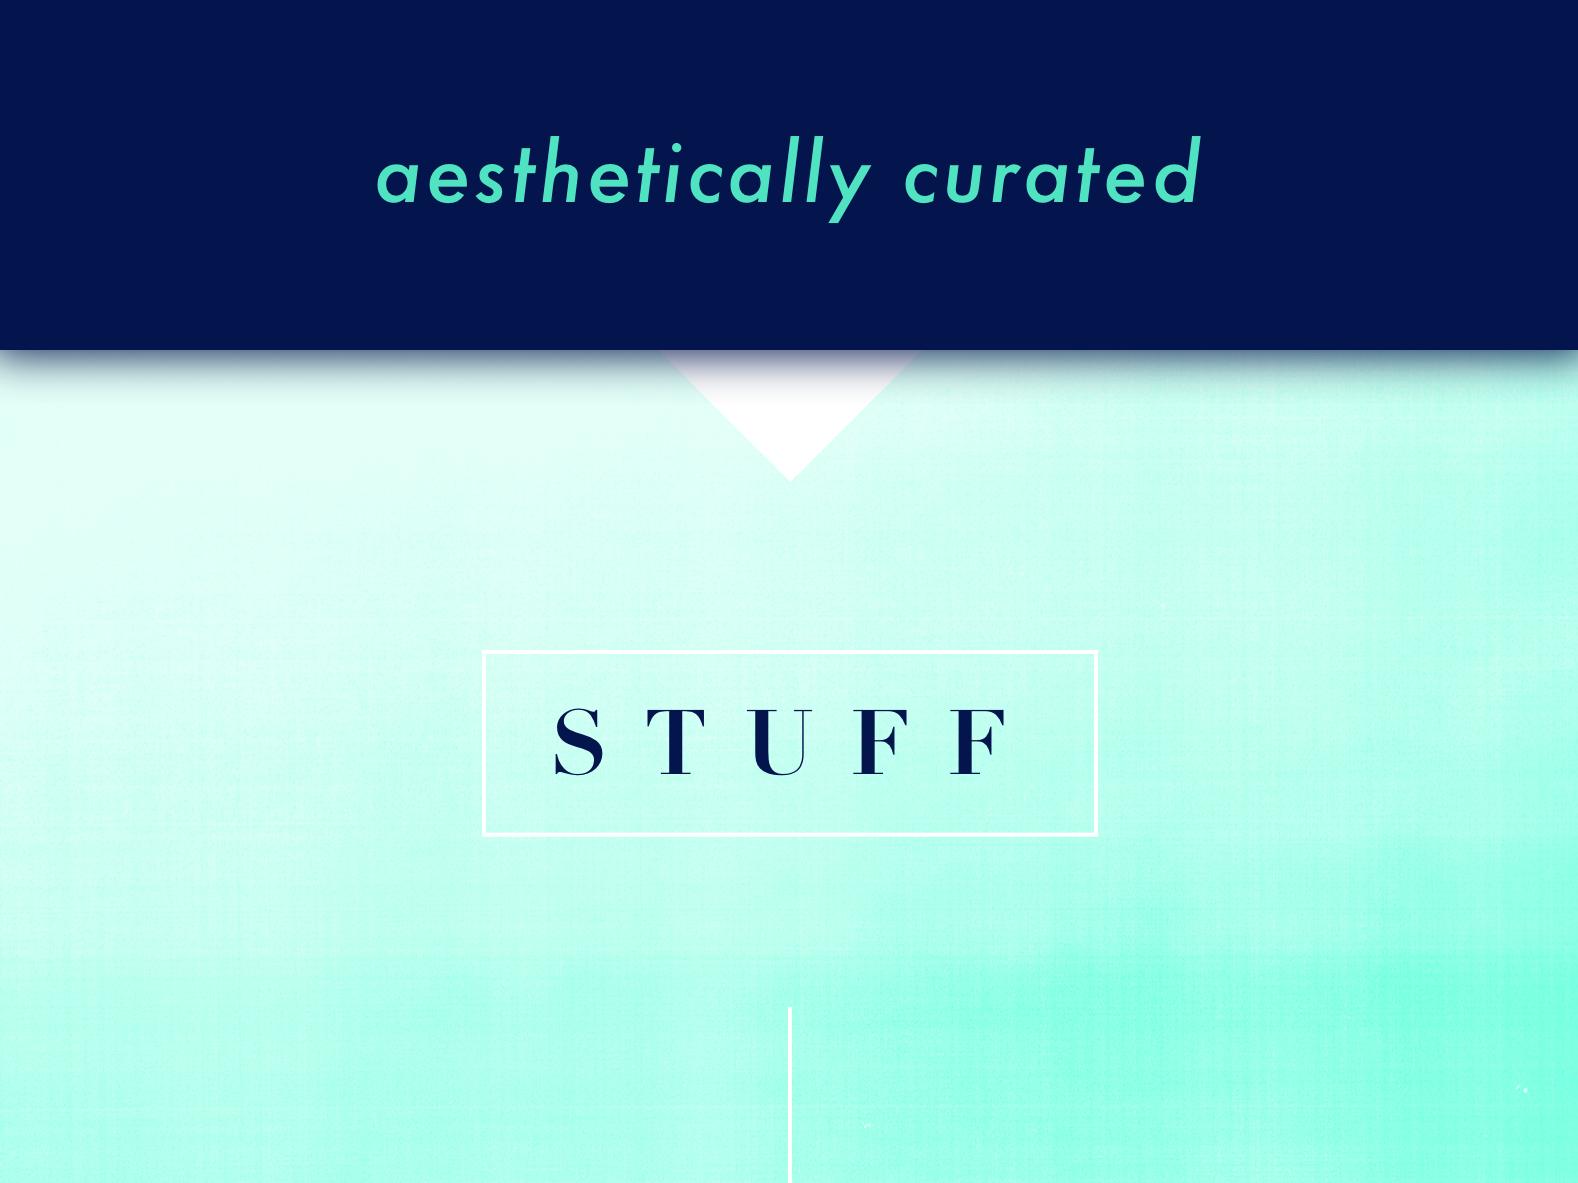 Stuff app ui elements